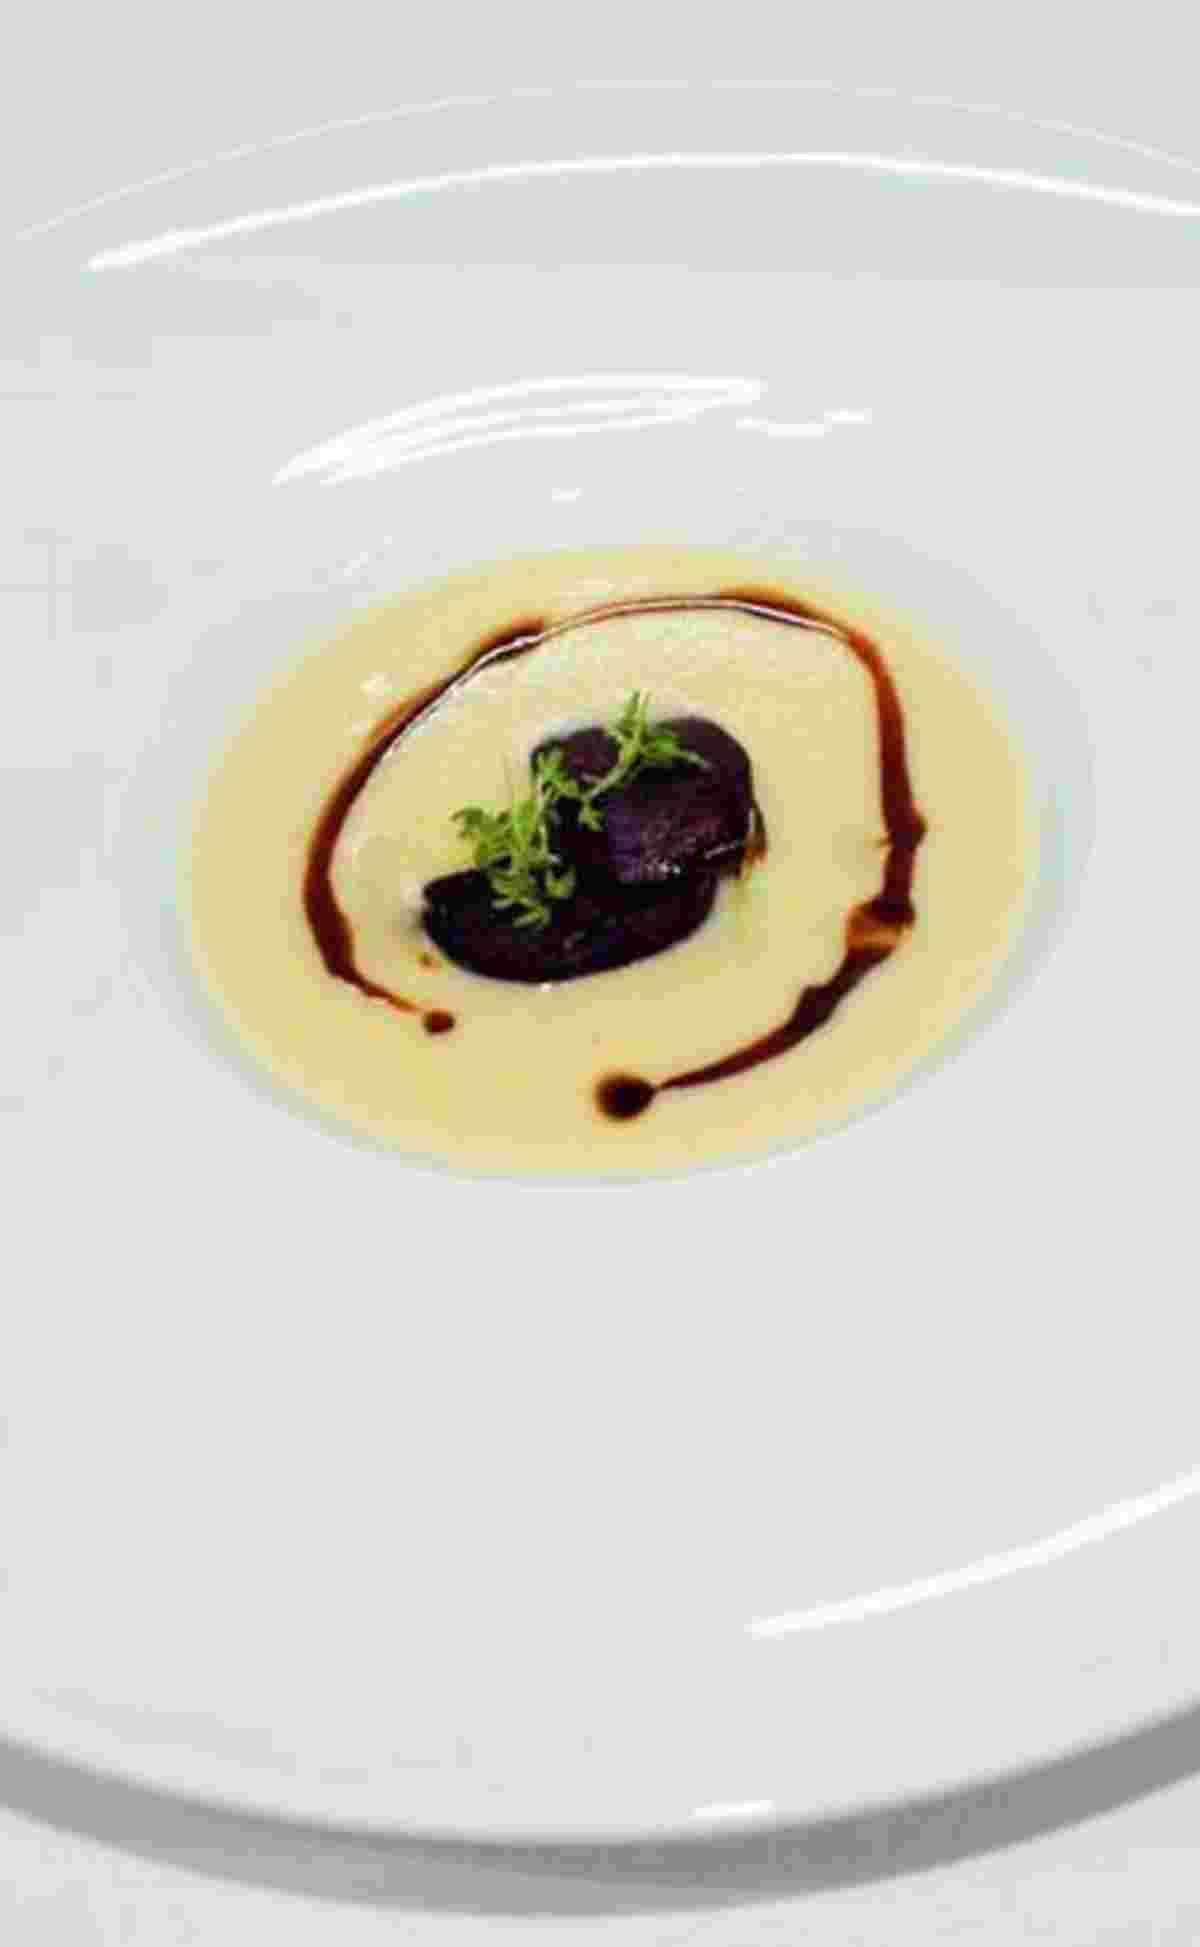 Kochen mit Liebe, Schwarzwurzelcremesuppe mit Blutwurst, Restaurant Eimermacher